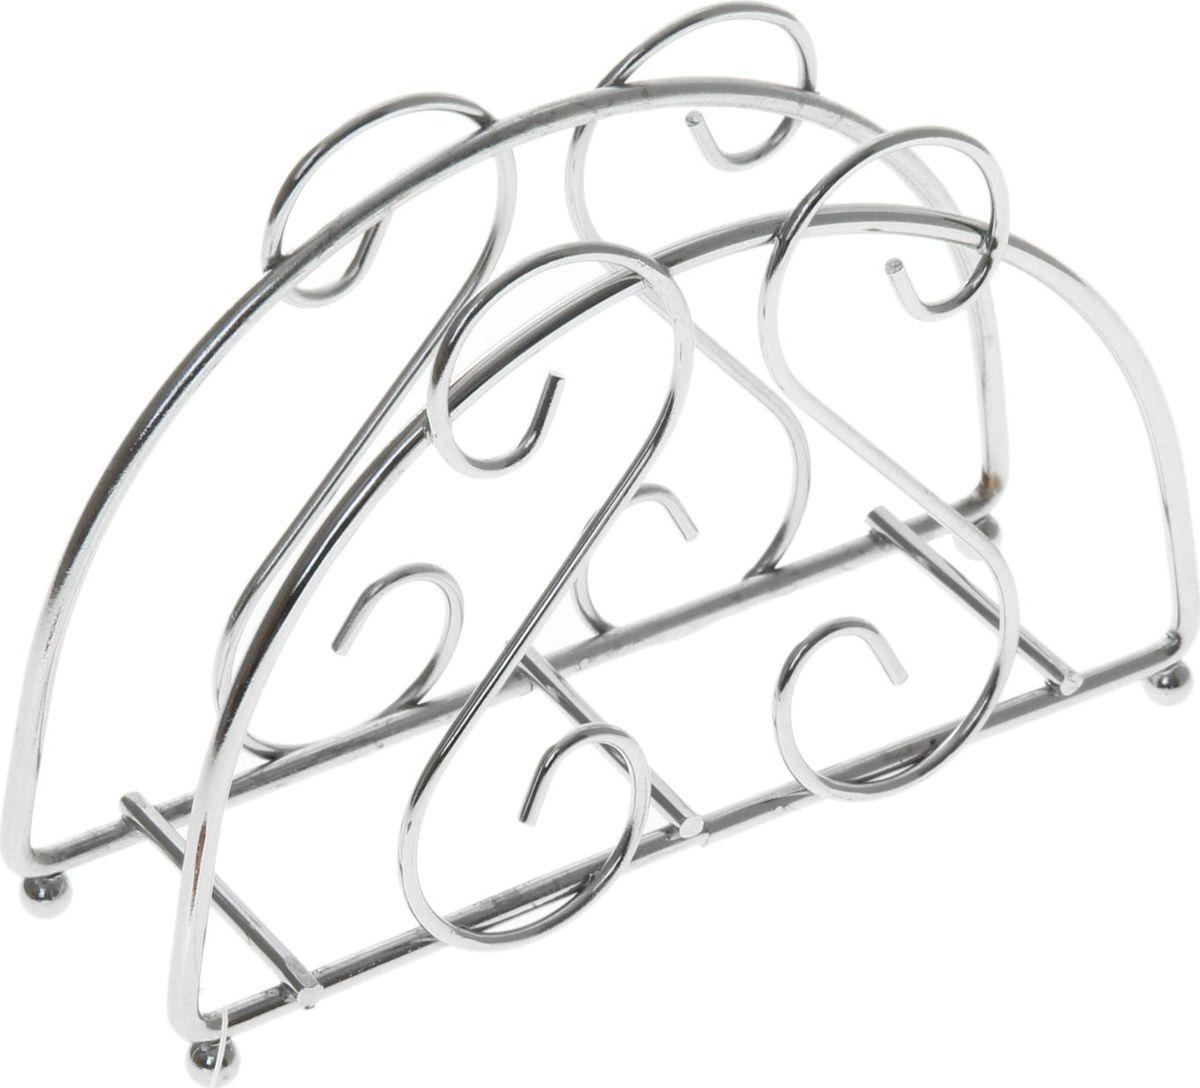 Салфетница Доляна Завитки, 13,5 х 3,5 х 9 см890911Салфетница Доляна Завитки – это обязательный предмет сервировки. Изделие выполнено из металла. Подобранная со вкусом и изяществом салфетница – это еще и декоративный элемент, отвечающий за эстетическую наполненность каждой трапезы.